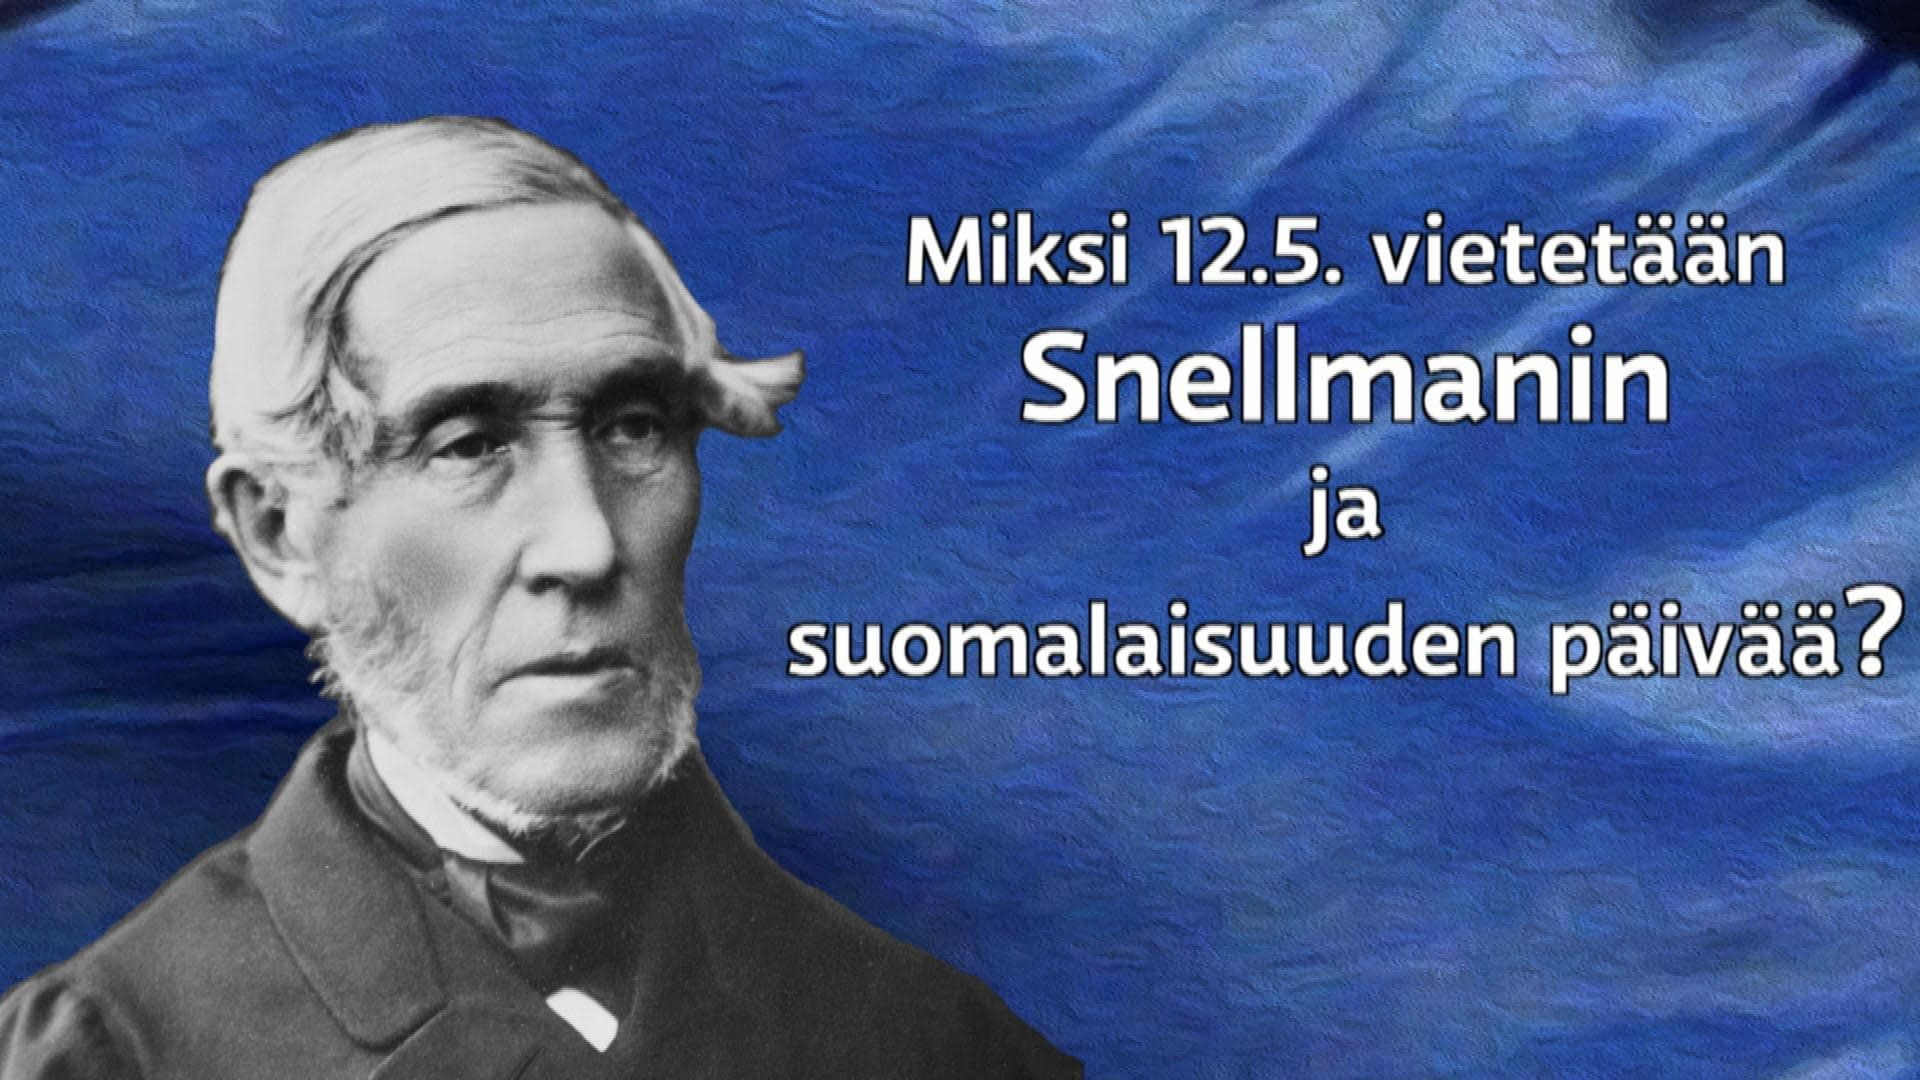 J. V. Snellman oli fennomaani, kansallisfilosofi, lehtimies, professori, senaattori, talousmies, valtiopäivämies ja perheenisä. 12.5.